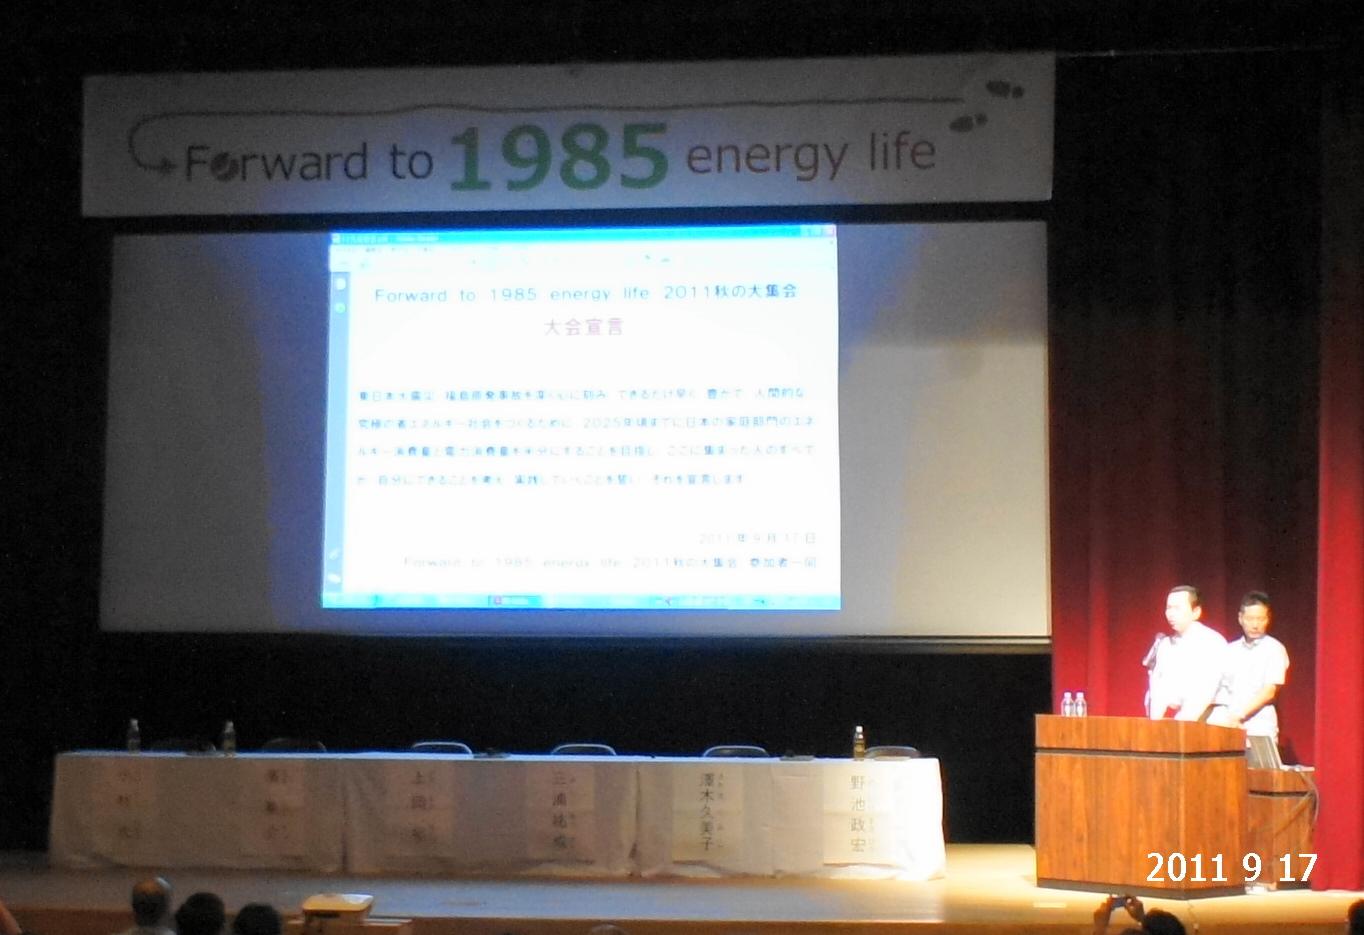 Forward to 1985 energy life_d0004728_9432710.jpg